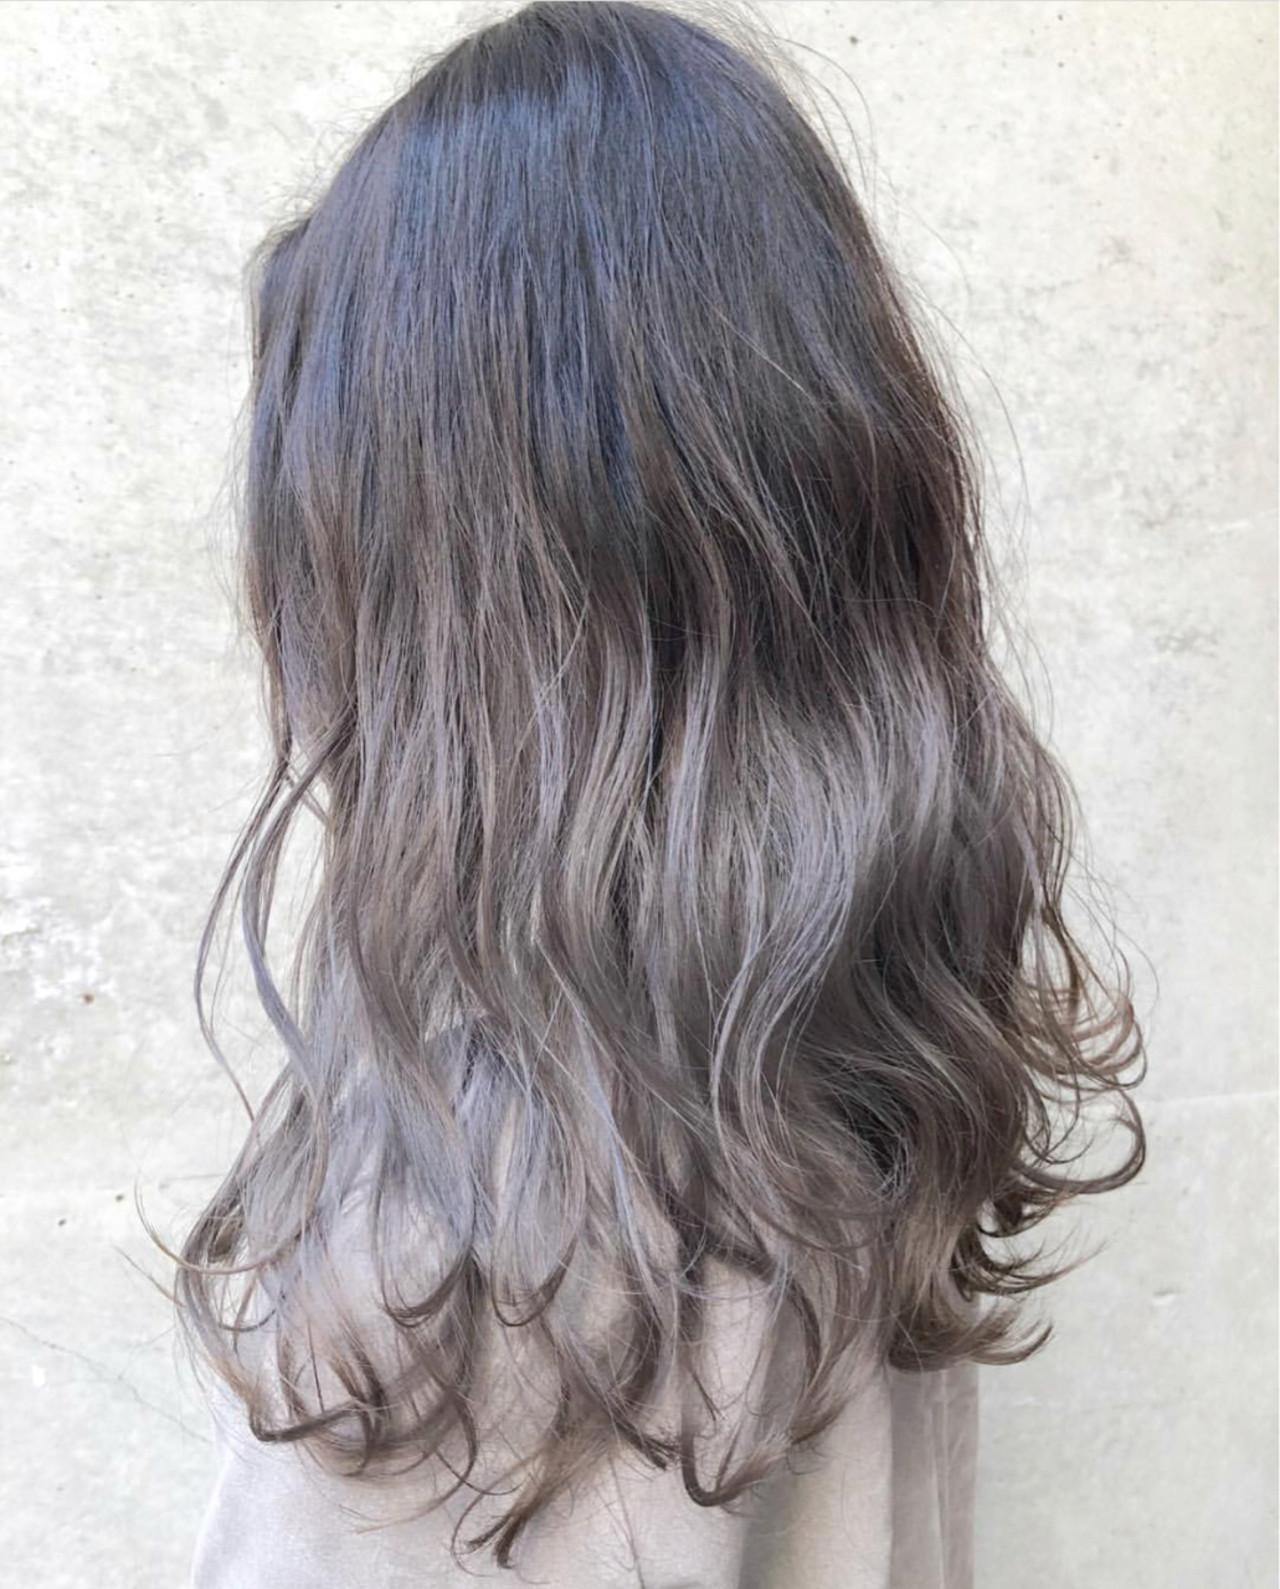 外国人風カラー ロング グレージュ バレイヤージュ ヘアスタイルや髪型の写真・画像